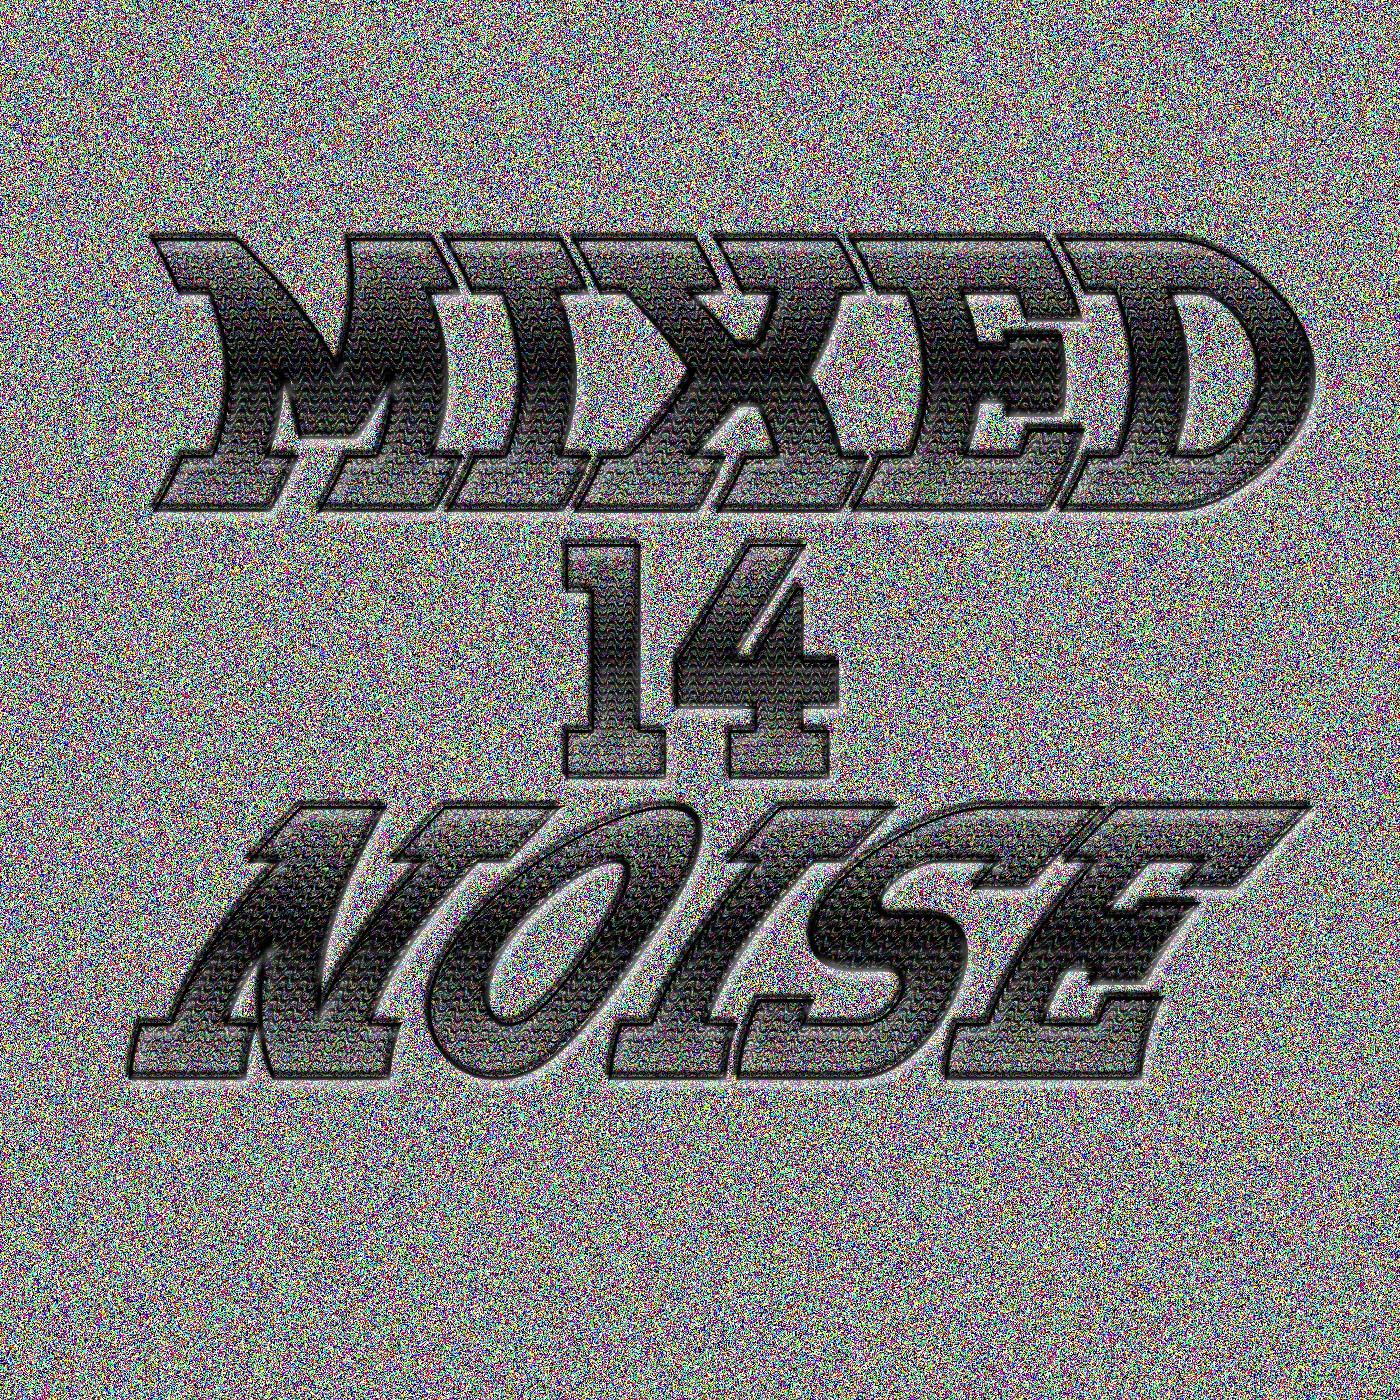 mixednoiselogo14